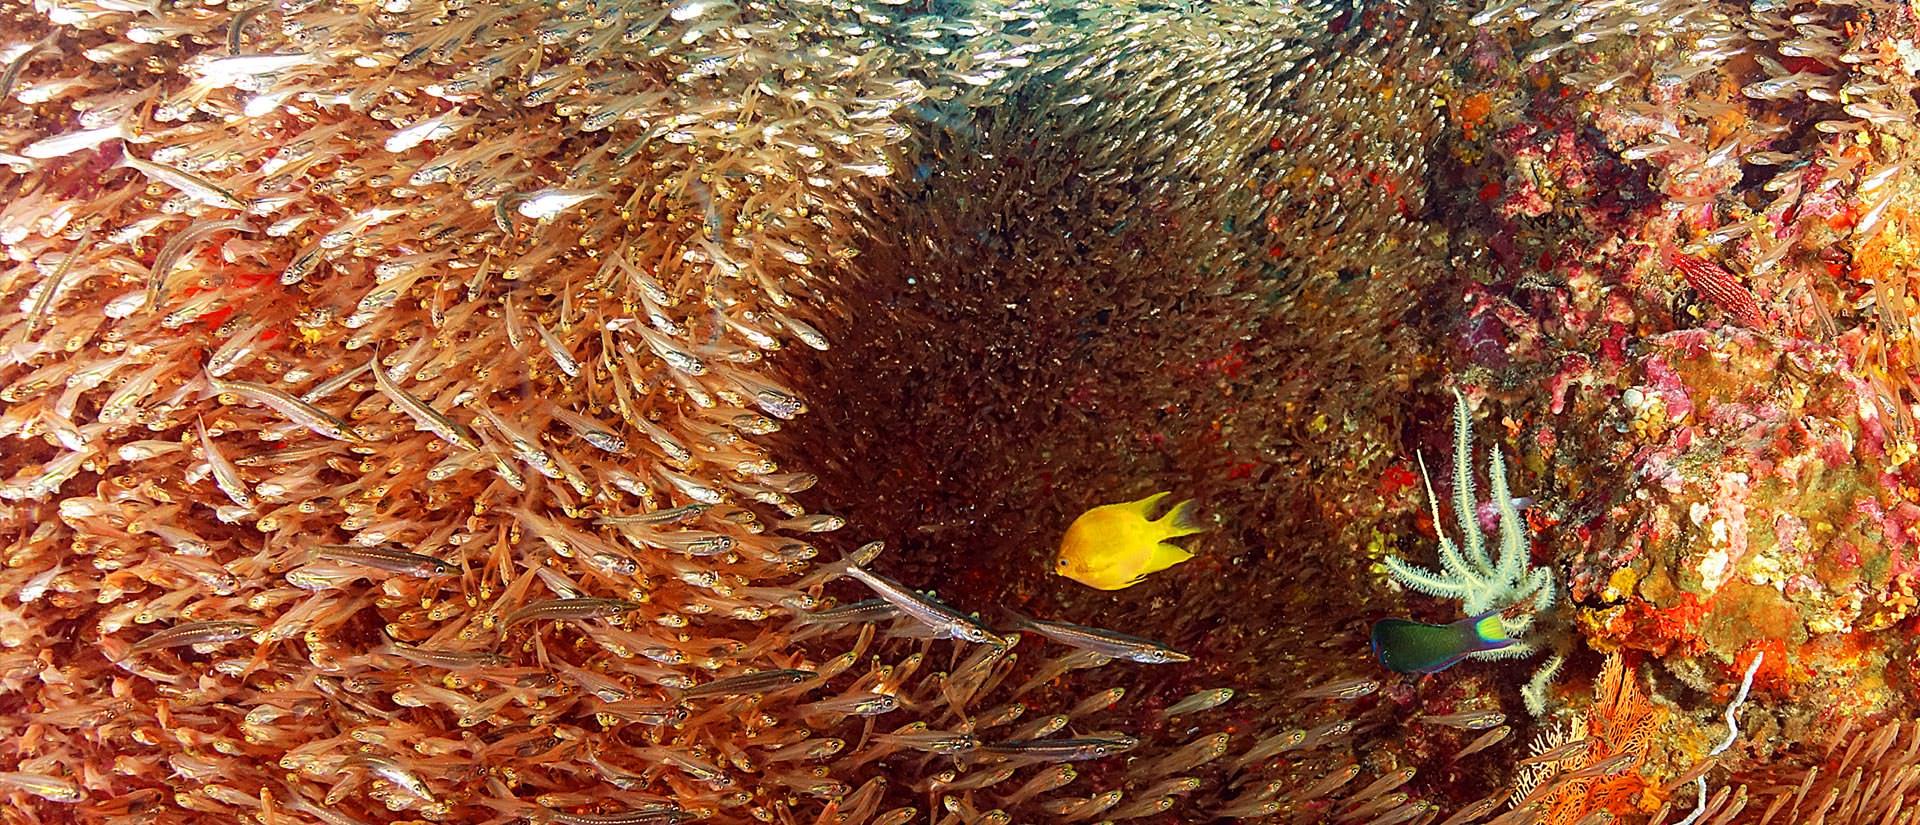 ספארי צלילה בתאילנד - 10 ימים - הפלגת צלילה וטבע בתאילנד